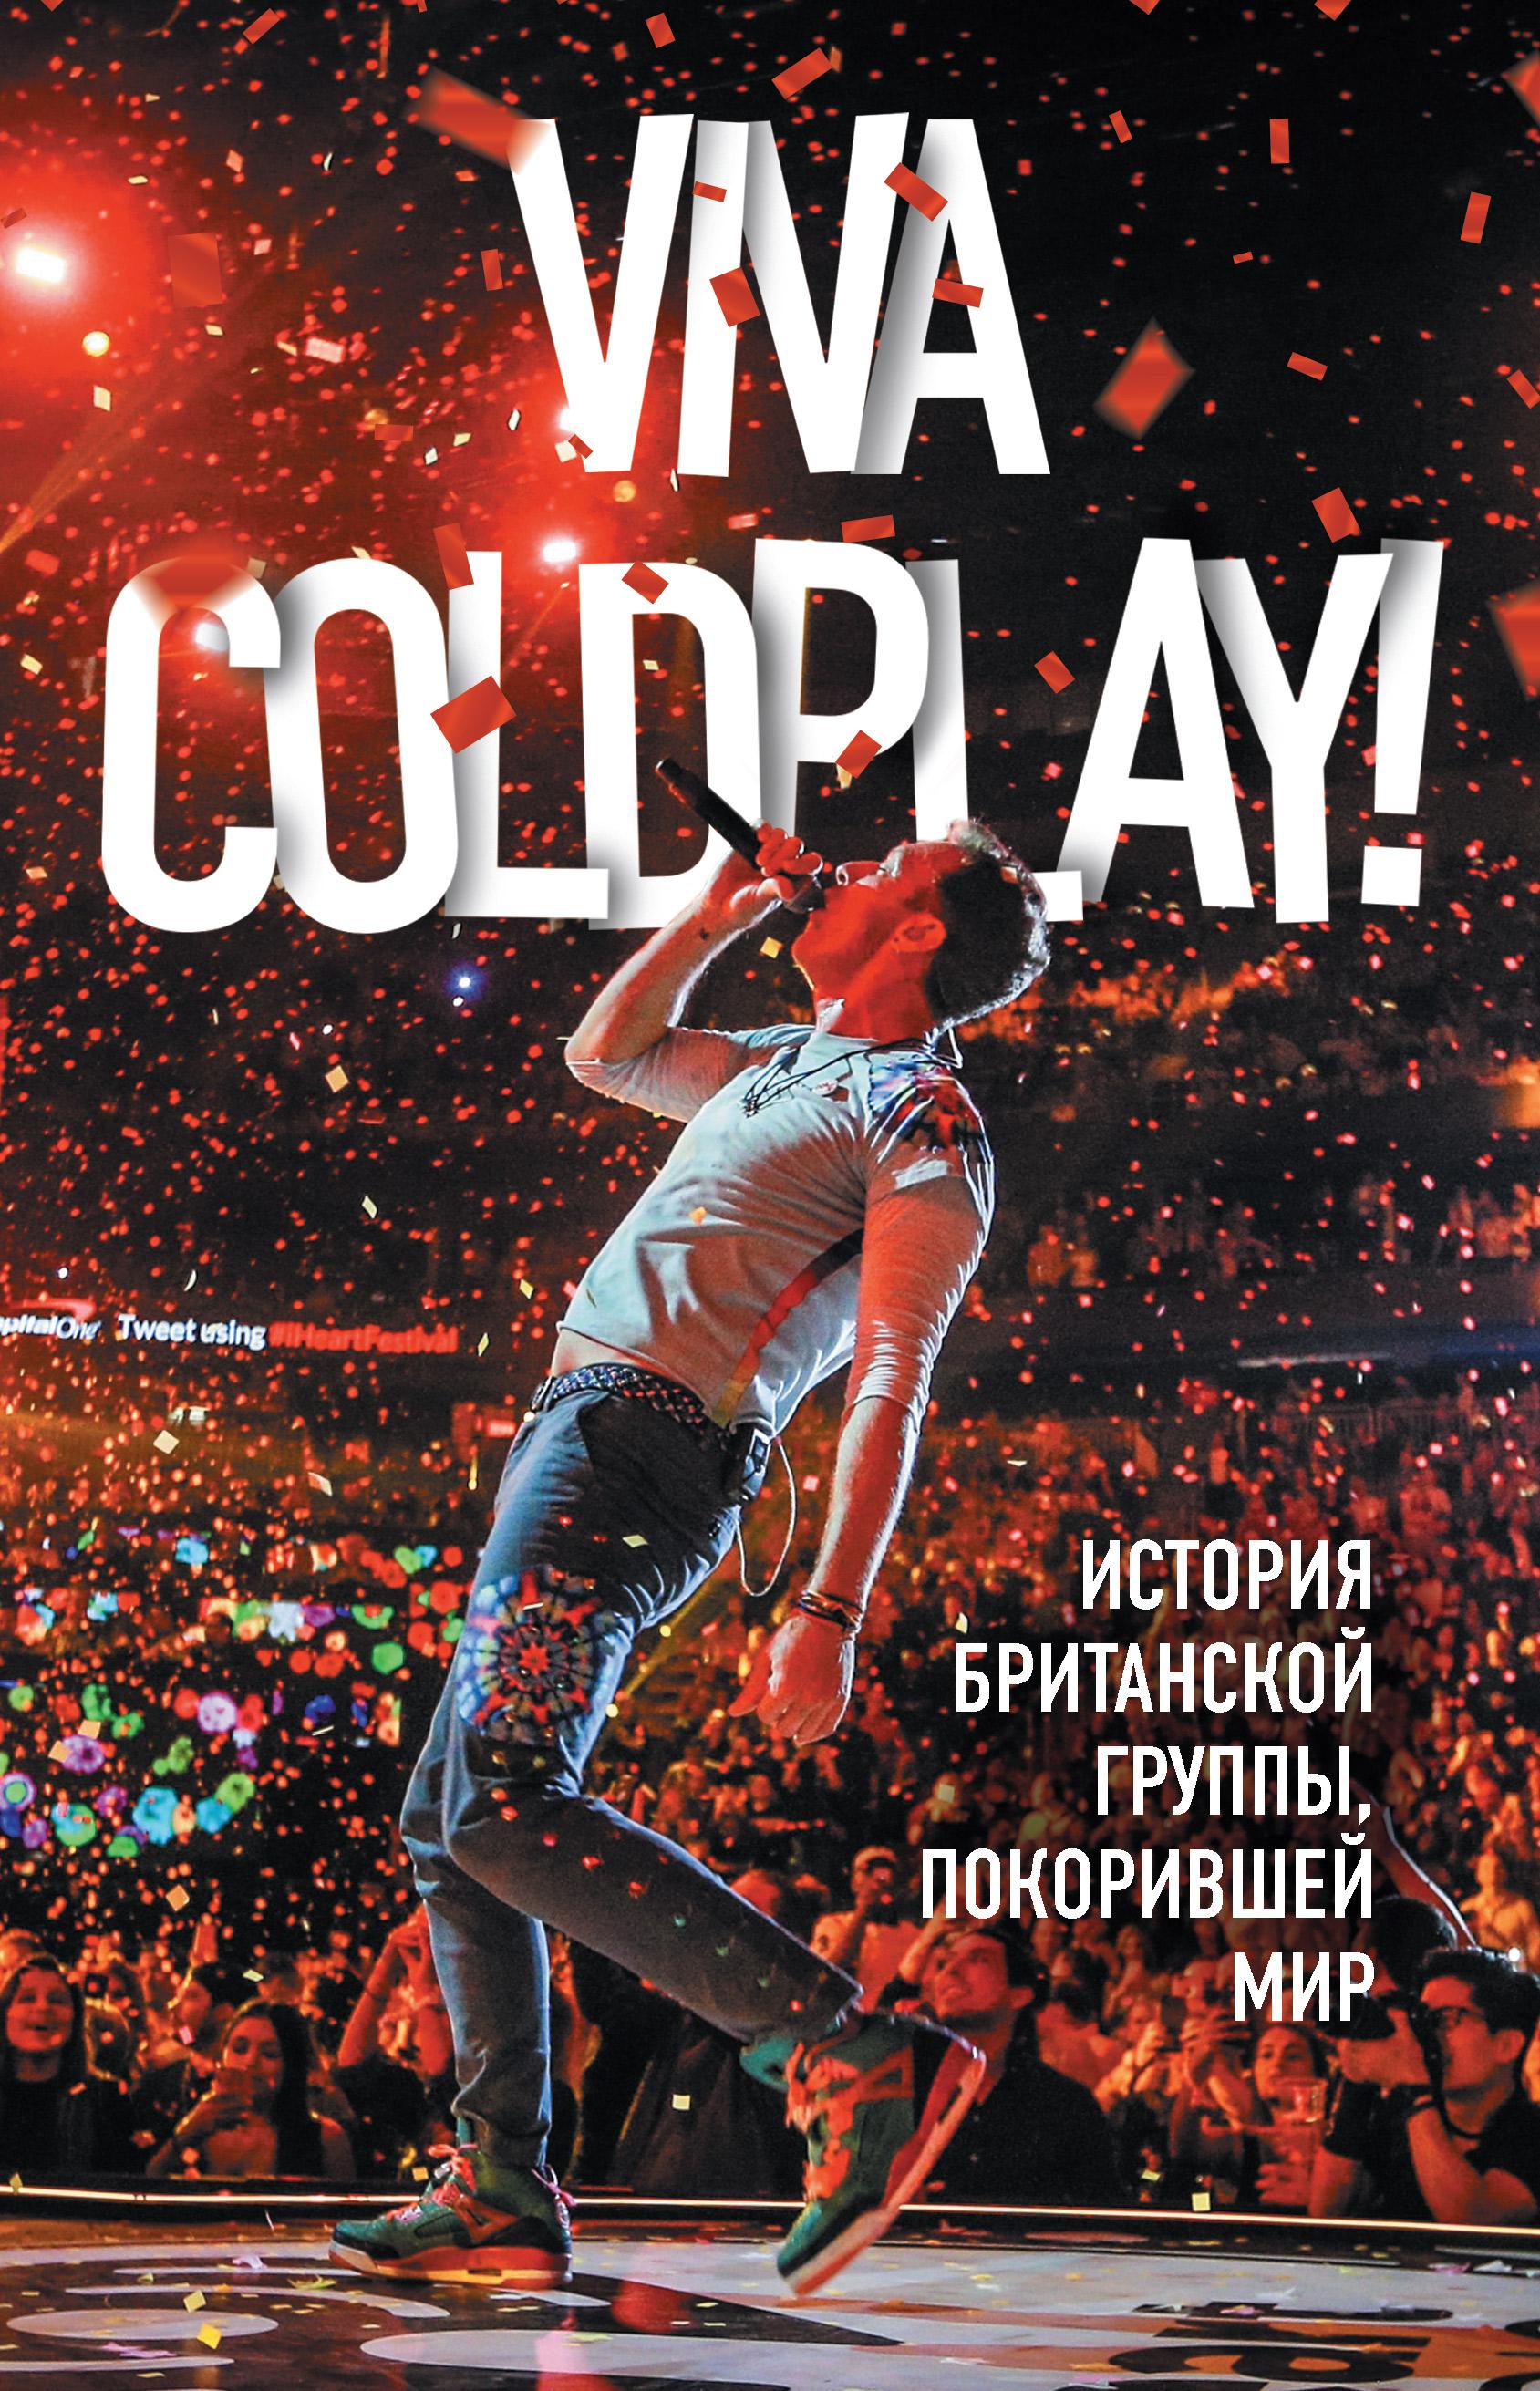 Мартин Рауч Viva Coldplay! История британской группы, покорившей мир